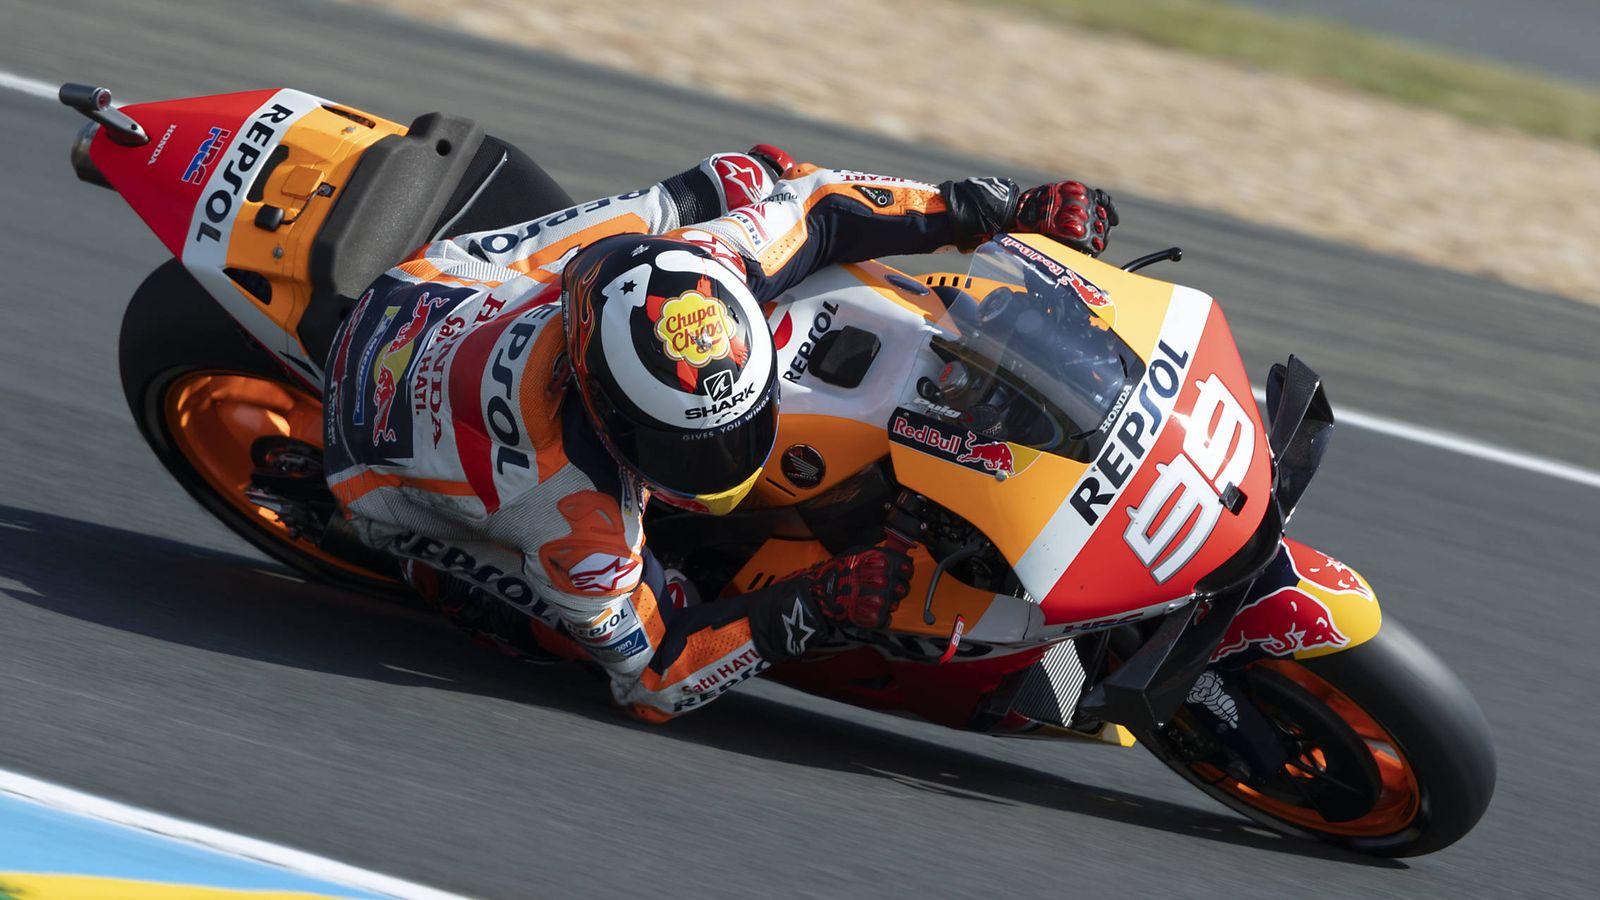 Foto: Jorge Lorenzo busca en Le Mans su primer buen resultado con Honda. (Foto: Repsol Honda)